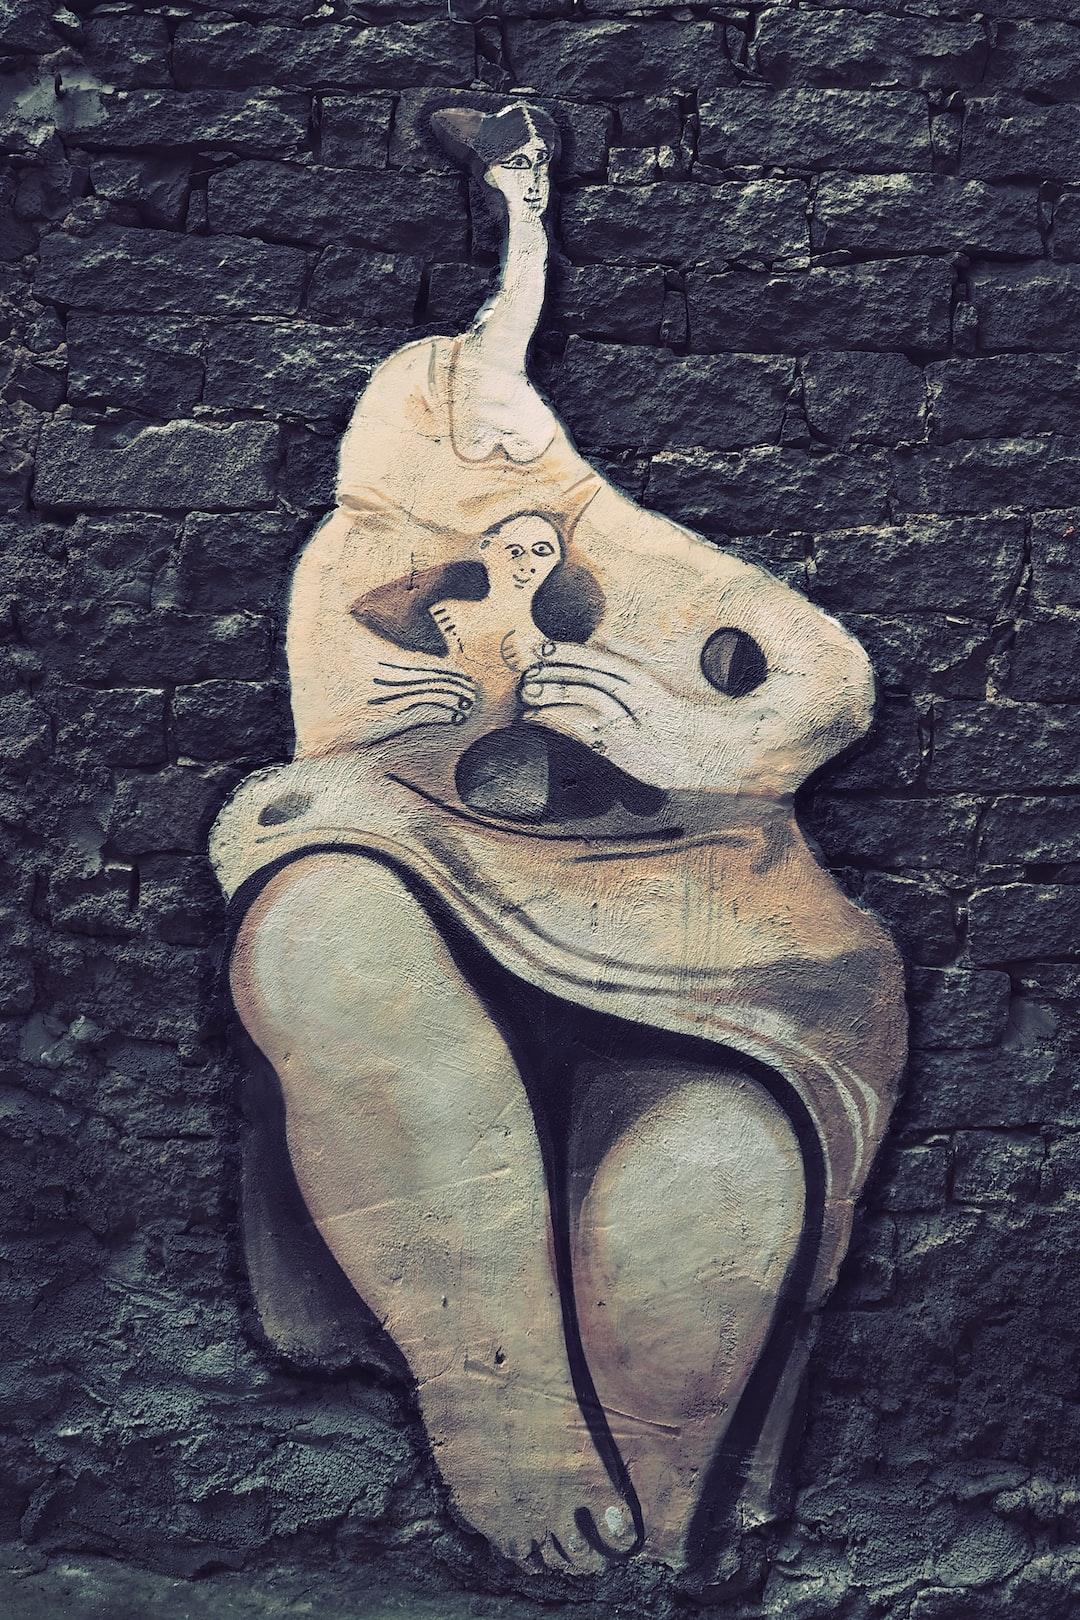 Un murales di Orgosolo, la tradizione si tramanda nel tempo. Une peinture murale d'Orgosolo, la tradition se transmet au fil du temps. A murals of Orgosolo, the tradition is handed down over time.